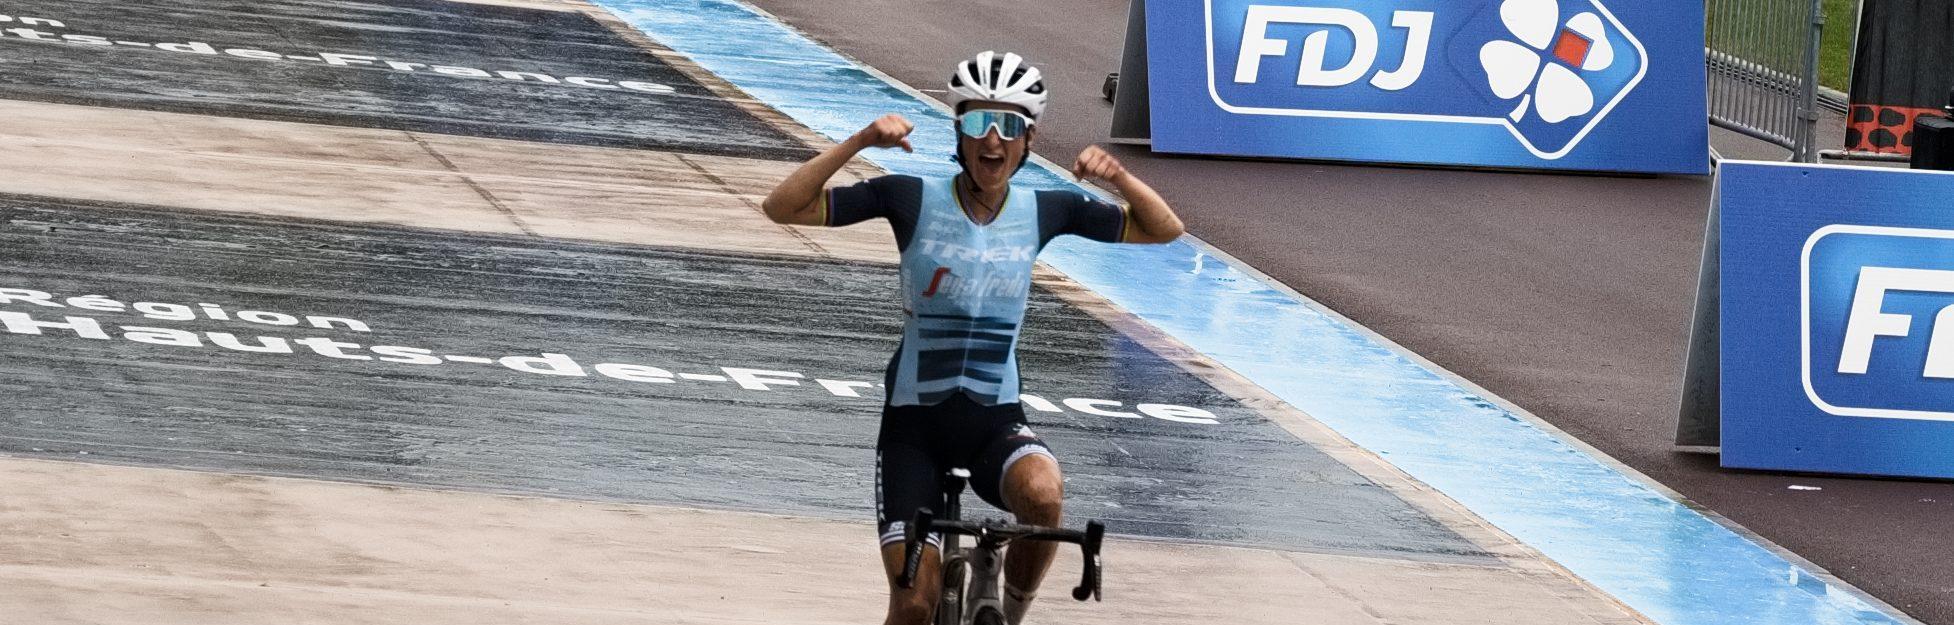 Le premier Paris-Roubaix est entré dans l'histoire